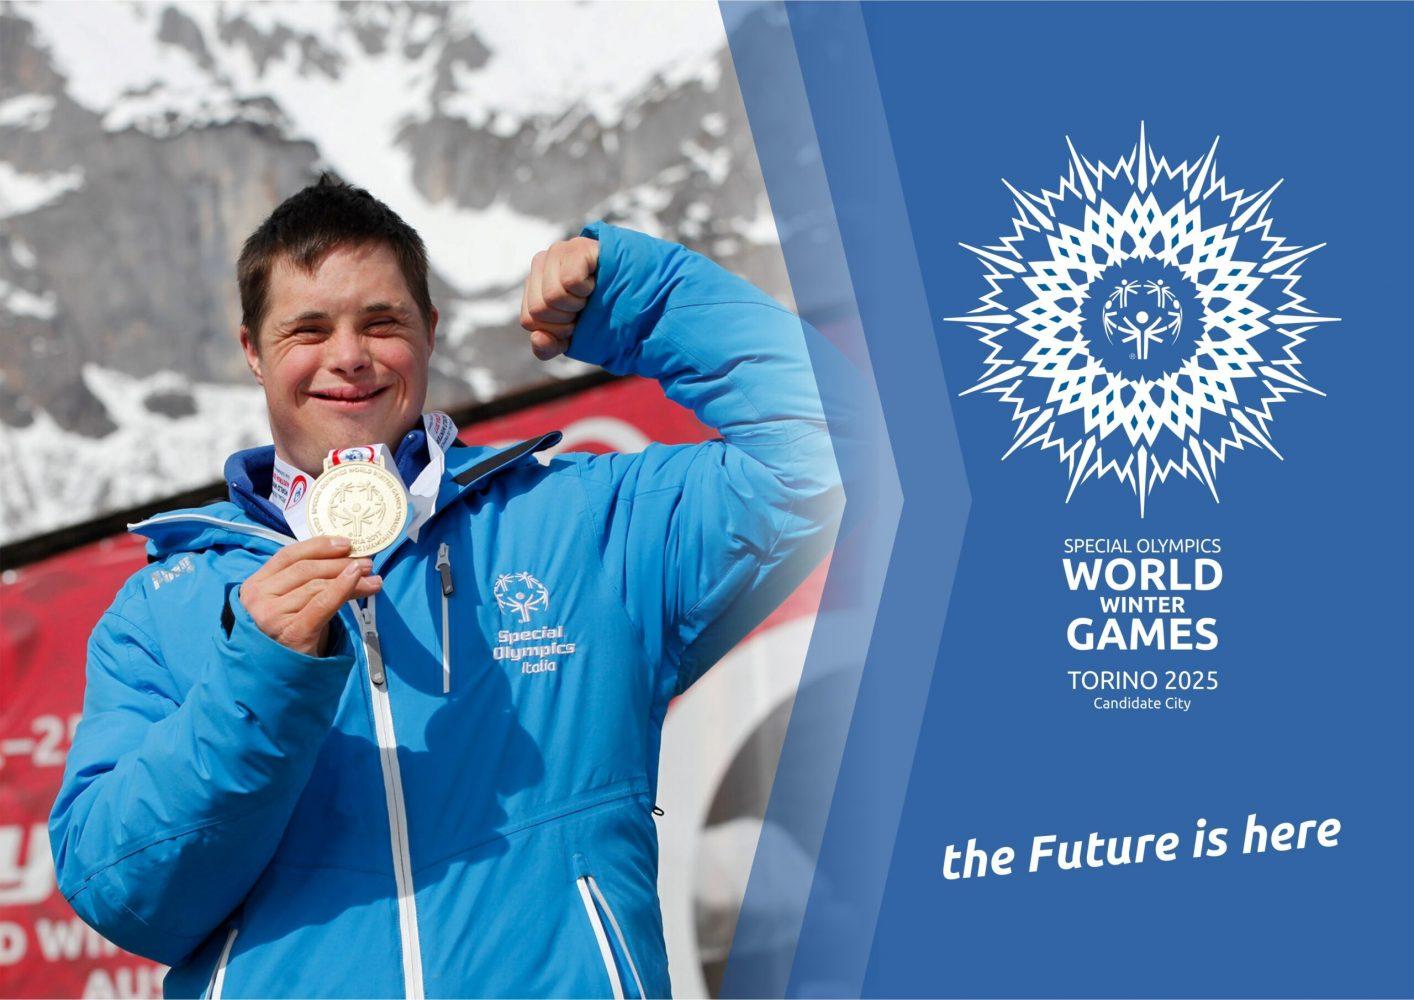 Special Olympics Italia presenta la candidatura per  i Giochi Mondiali Invernali – Torino 2025